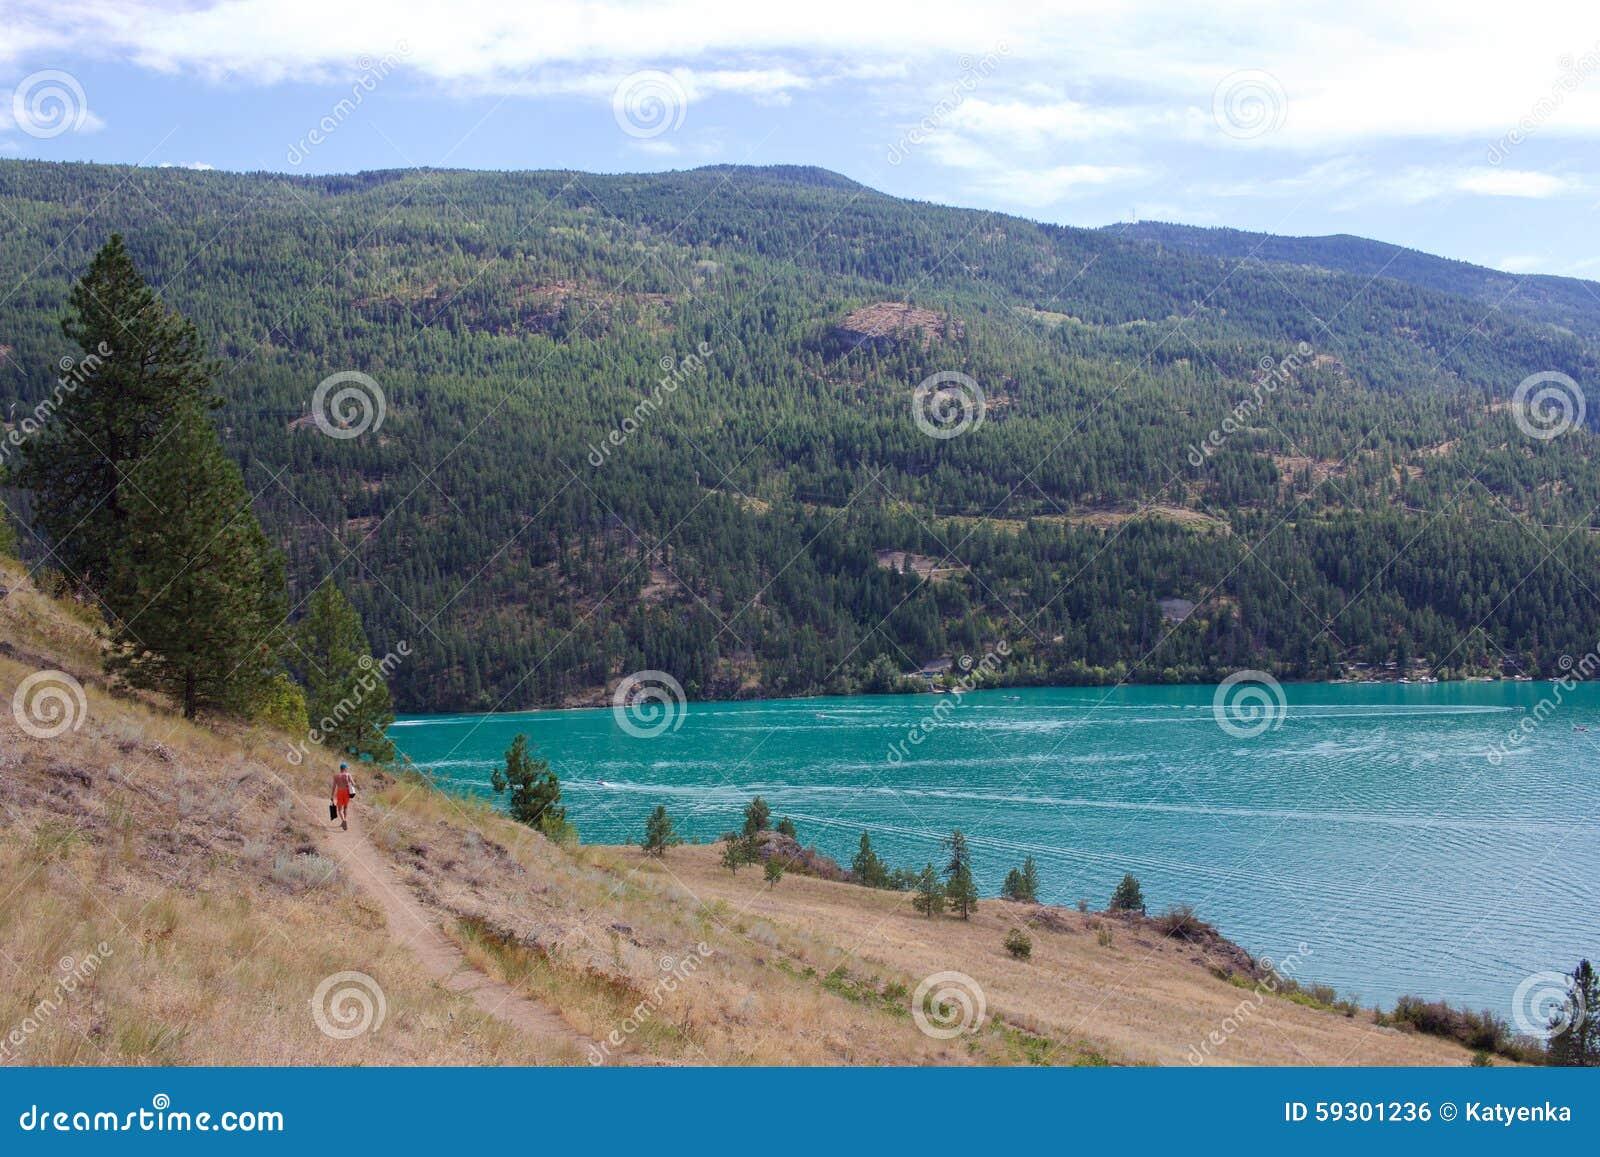 Rastro a la bahía de Cosens, parque provincial del lago Kalamalka, Vernon, Canadá